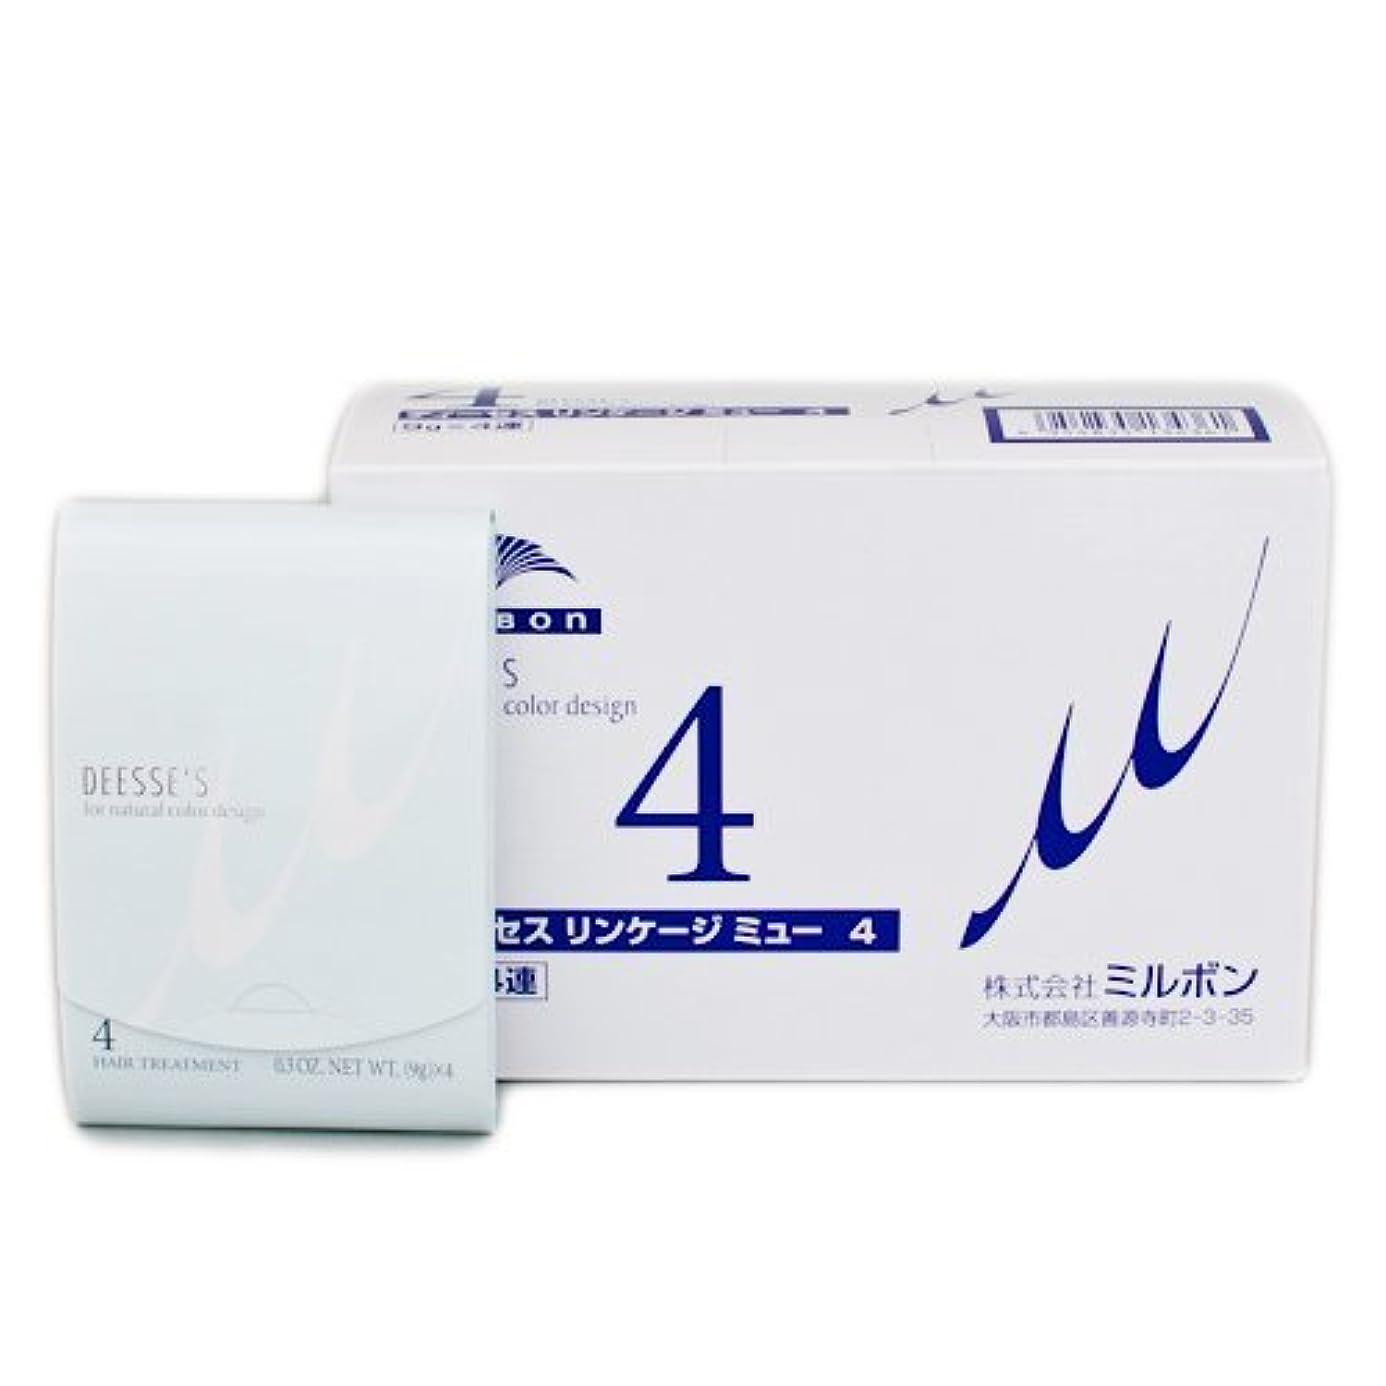 カバースキャンダラスミルボン ディーセス リンケージ ミュー 4 業務用9g×4連×10入